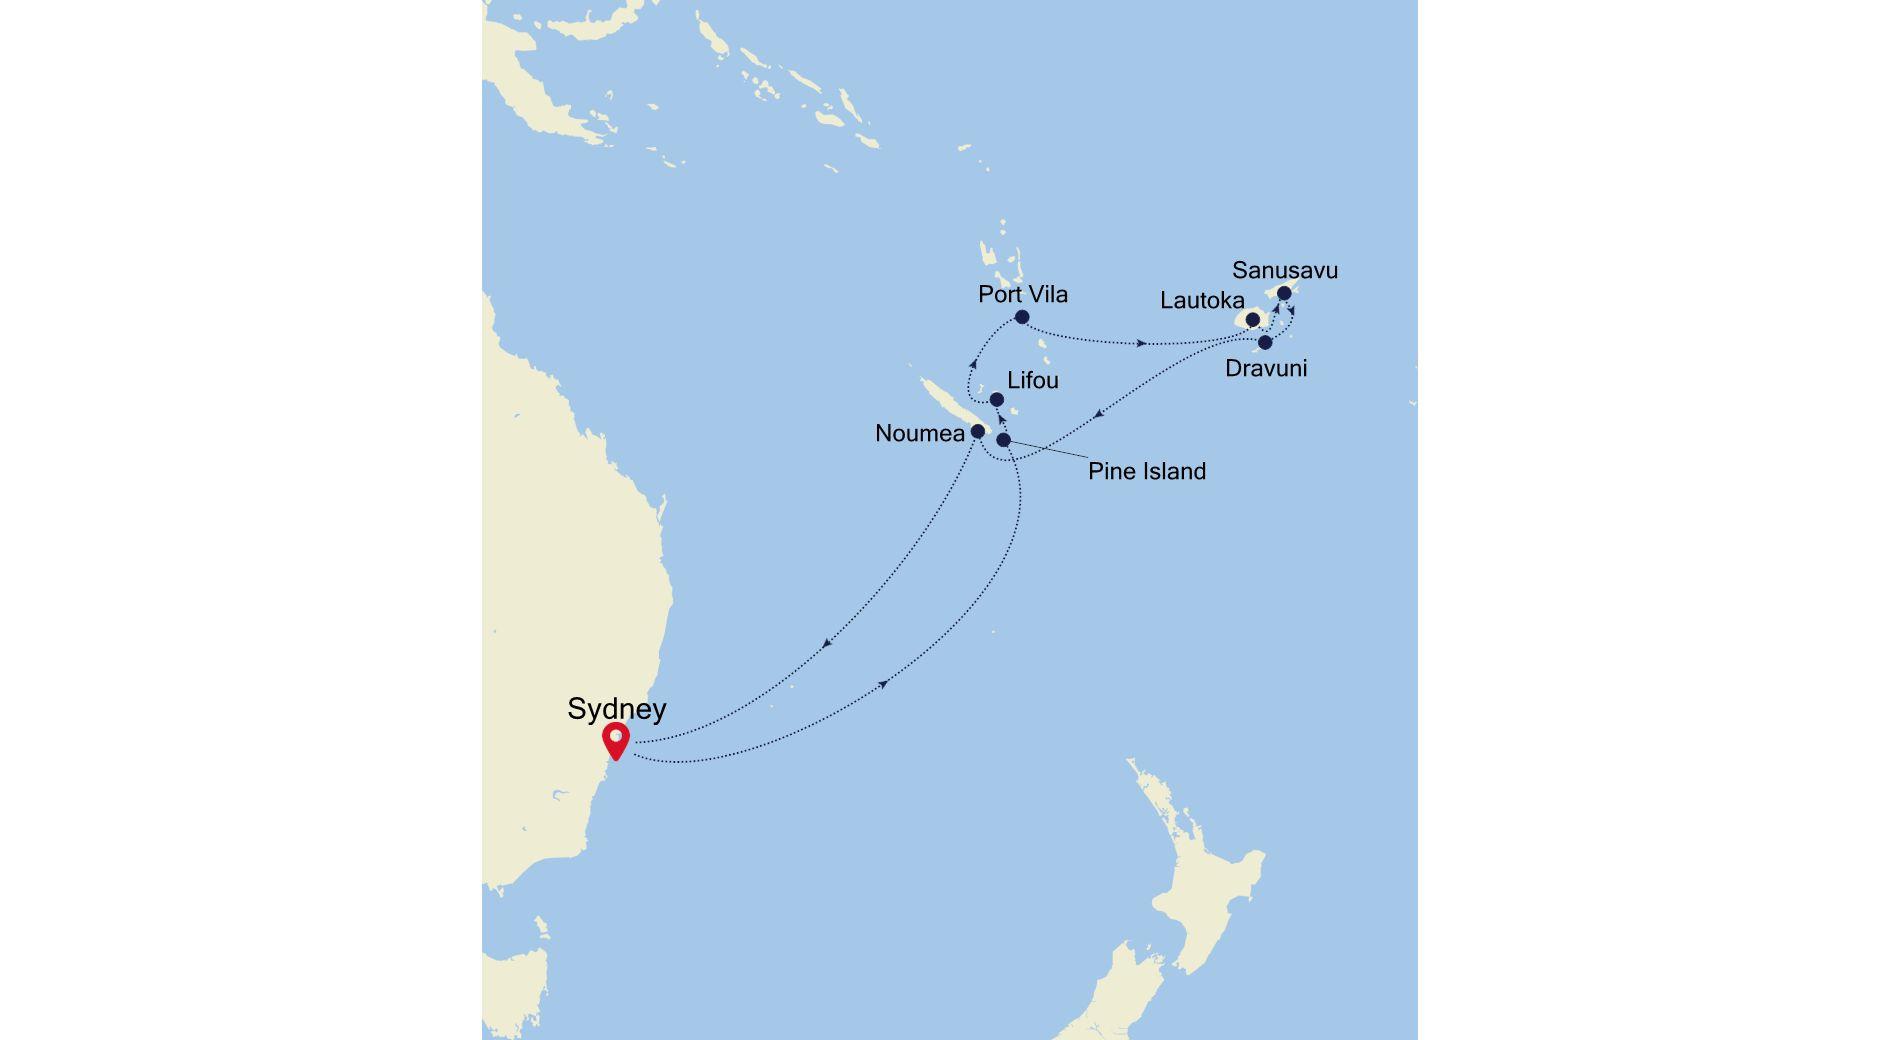 6004 - Sydney to Sydney